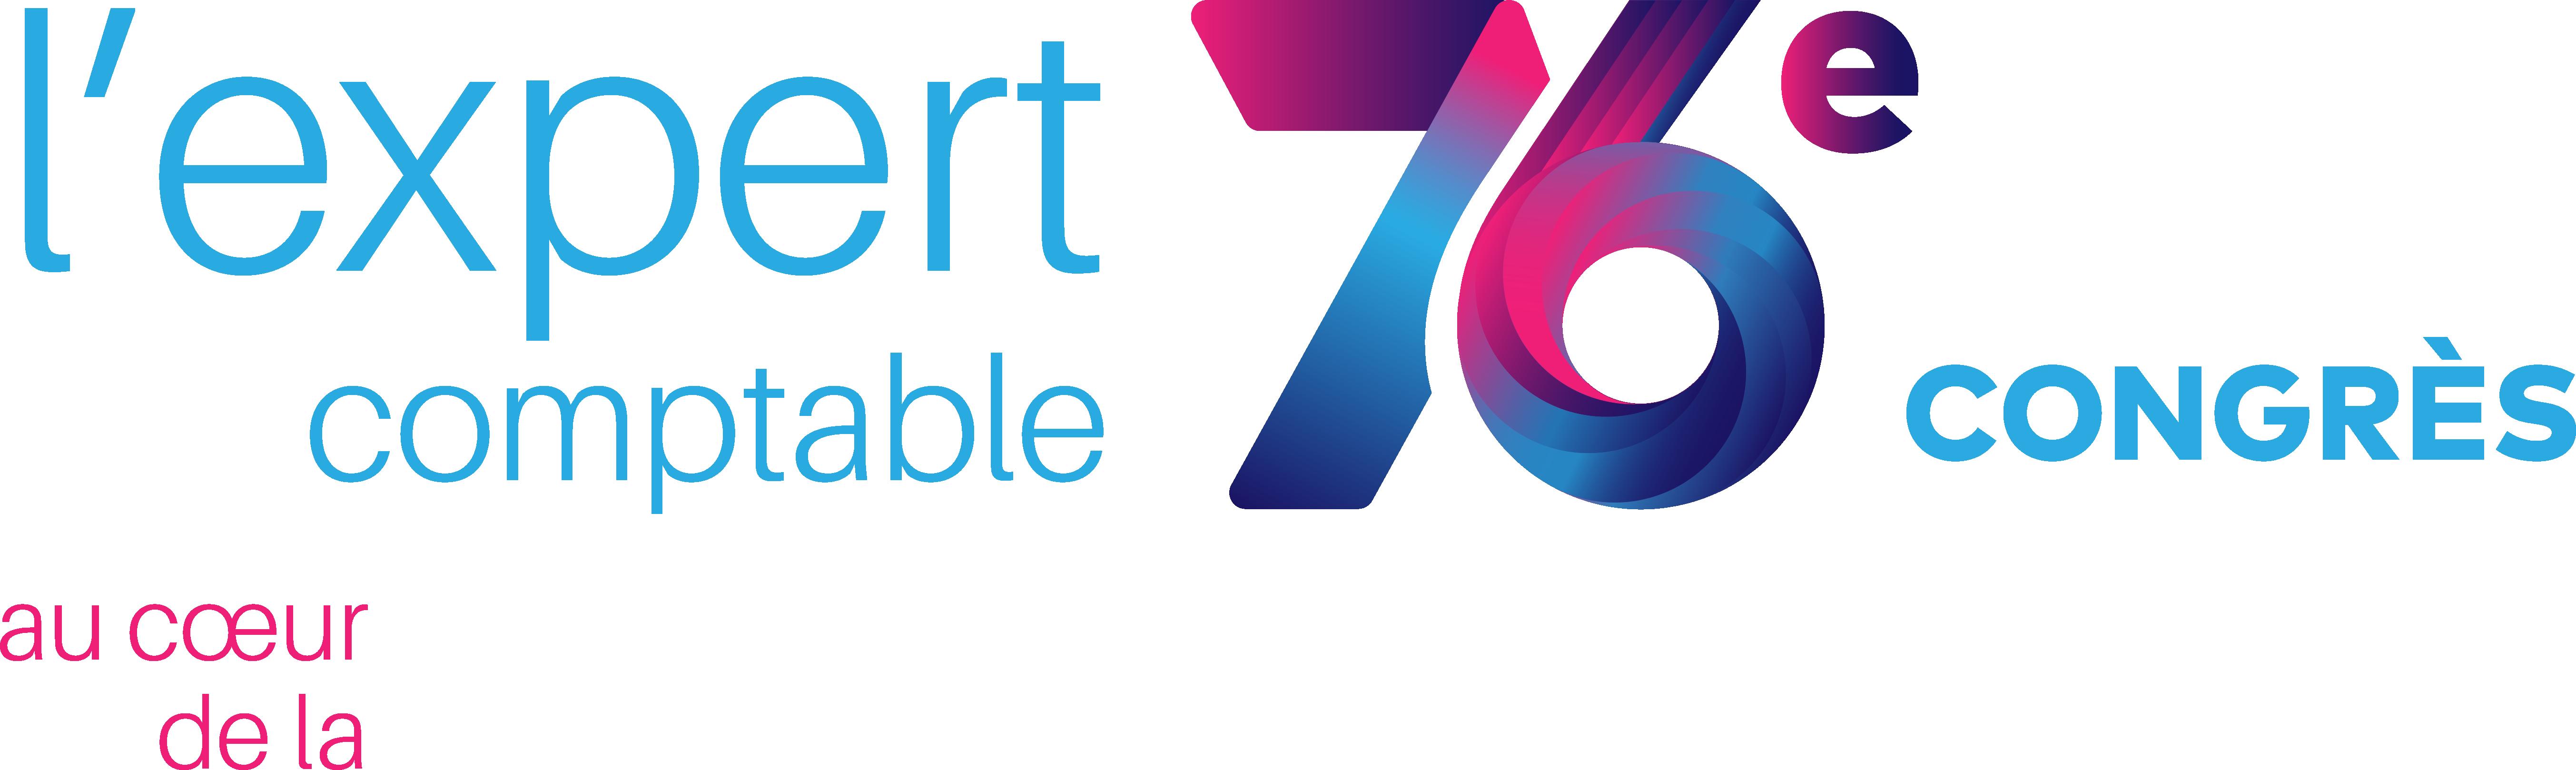 76e Congres de l'ordre des experts-comptables - Bordeaux Lac - 6 au 8 octobre 2021